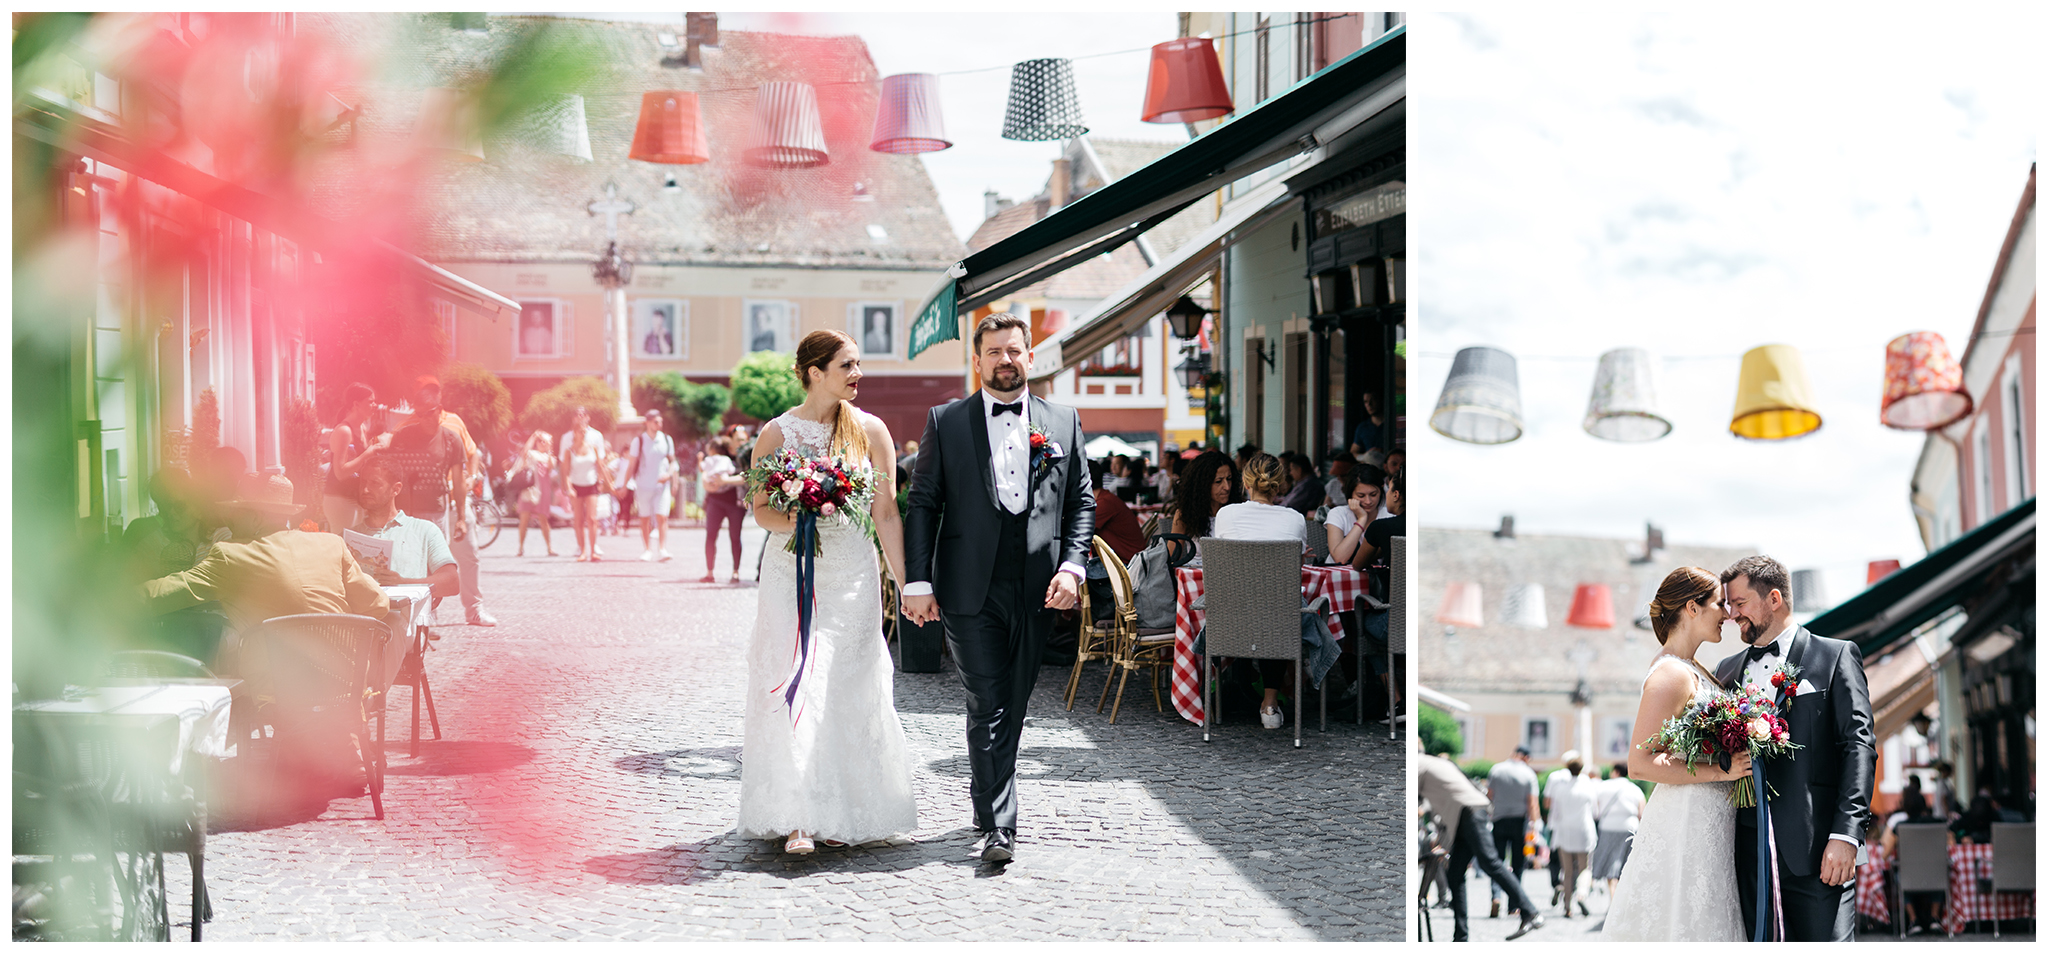 MONT_FylepPhoto, Esküvőfotós Vasmegye, Esküvő fotózás, Esküvői fotós, Körmend, Vas megye, Dunántúl, Budapest, Fülöp Péter, Jegyes fotózás, jegyes, kreatív, kreatívfotózás,Wien,Ausztira,Österreich,hochzeitsfotograf_V&M_006.jpg